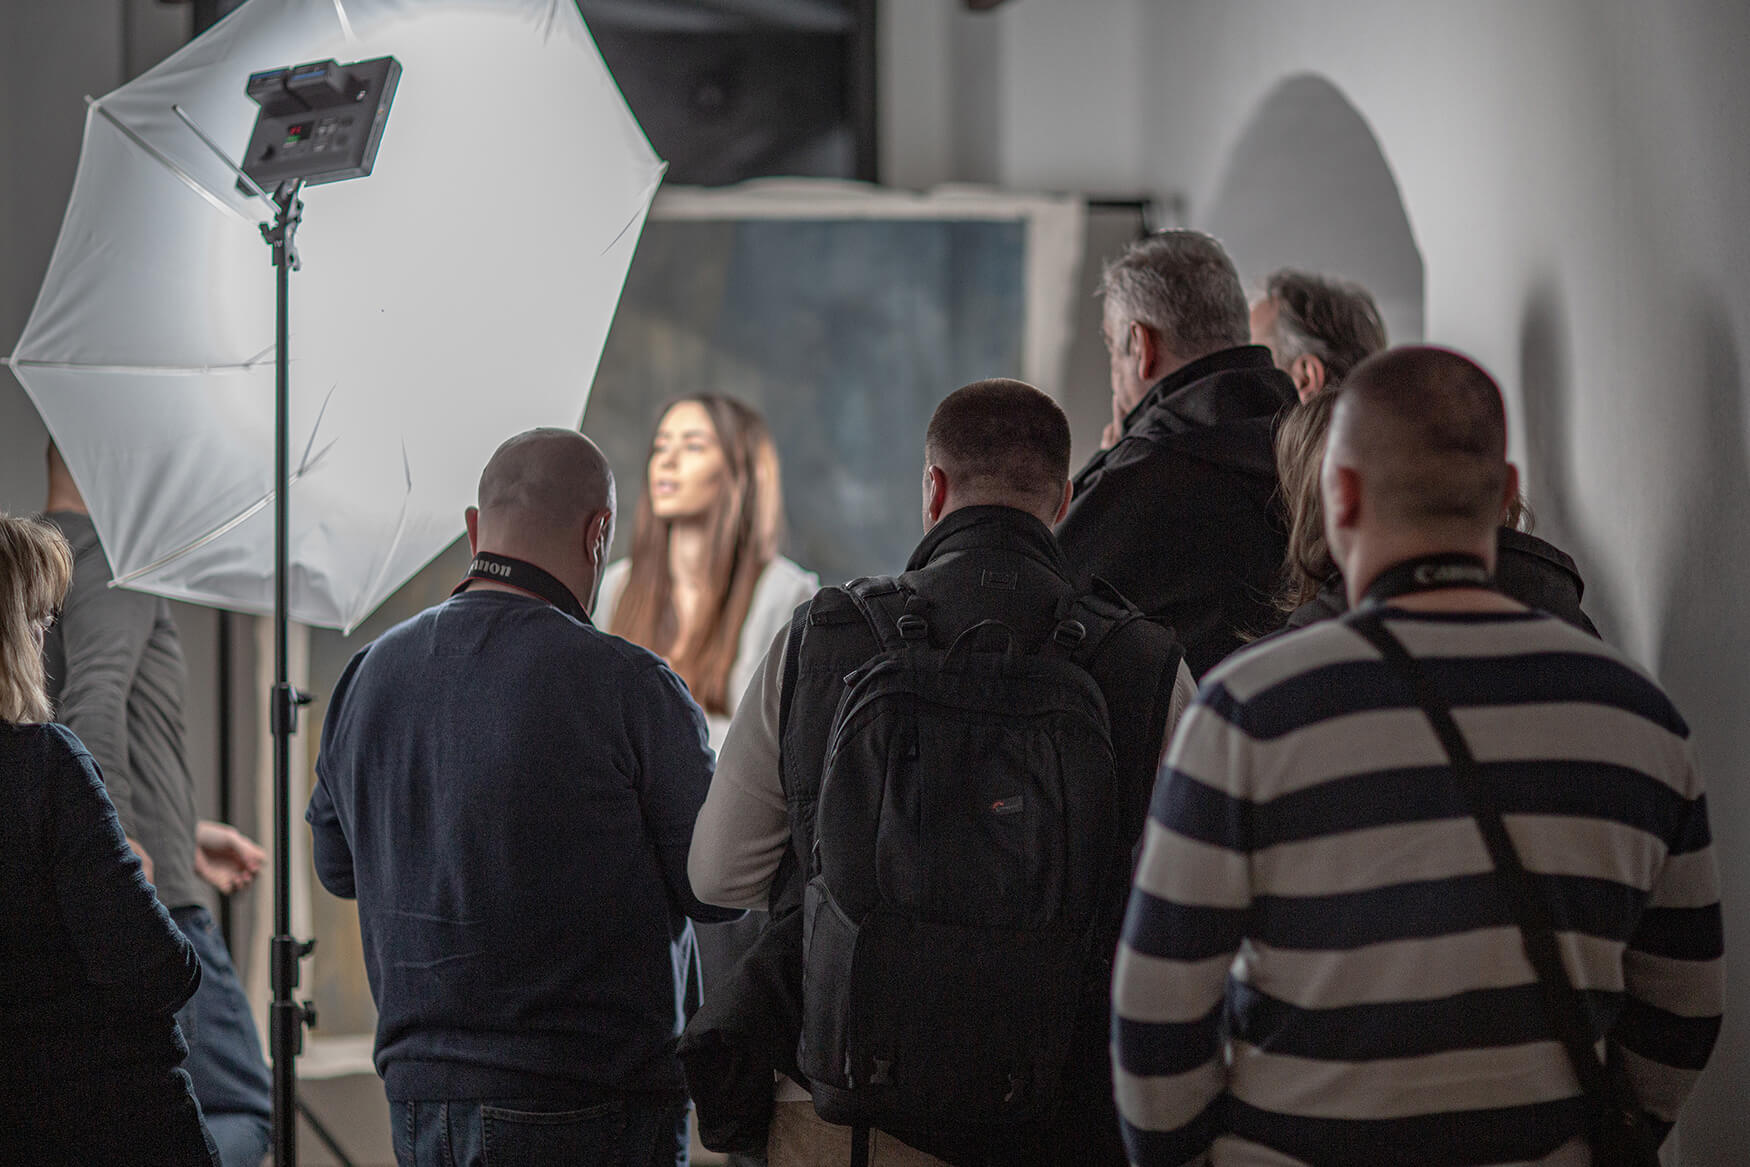 Radionica osnove studijske portretne fotografije